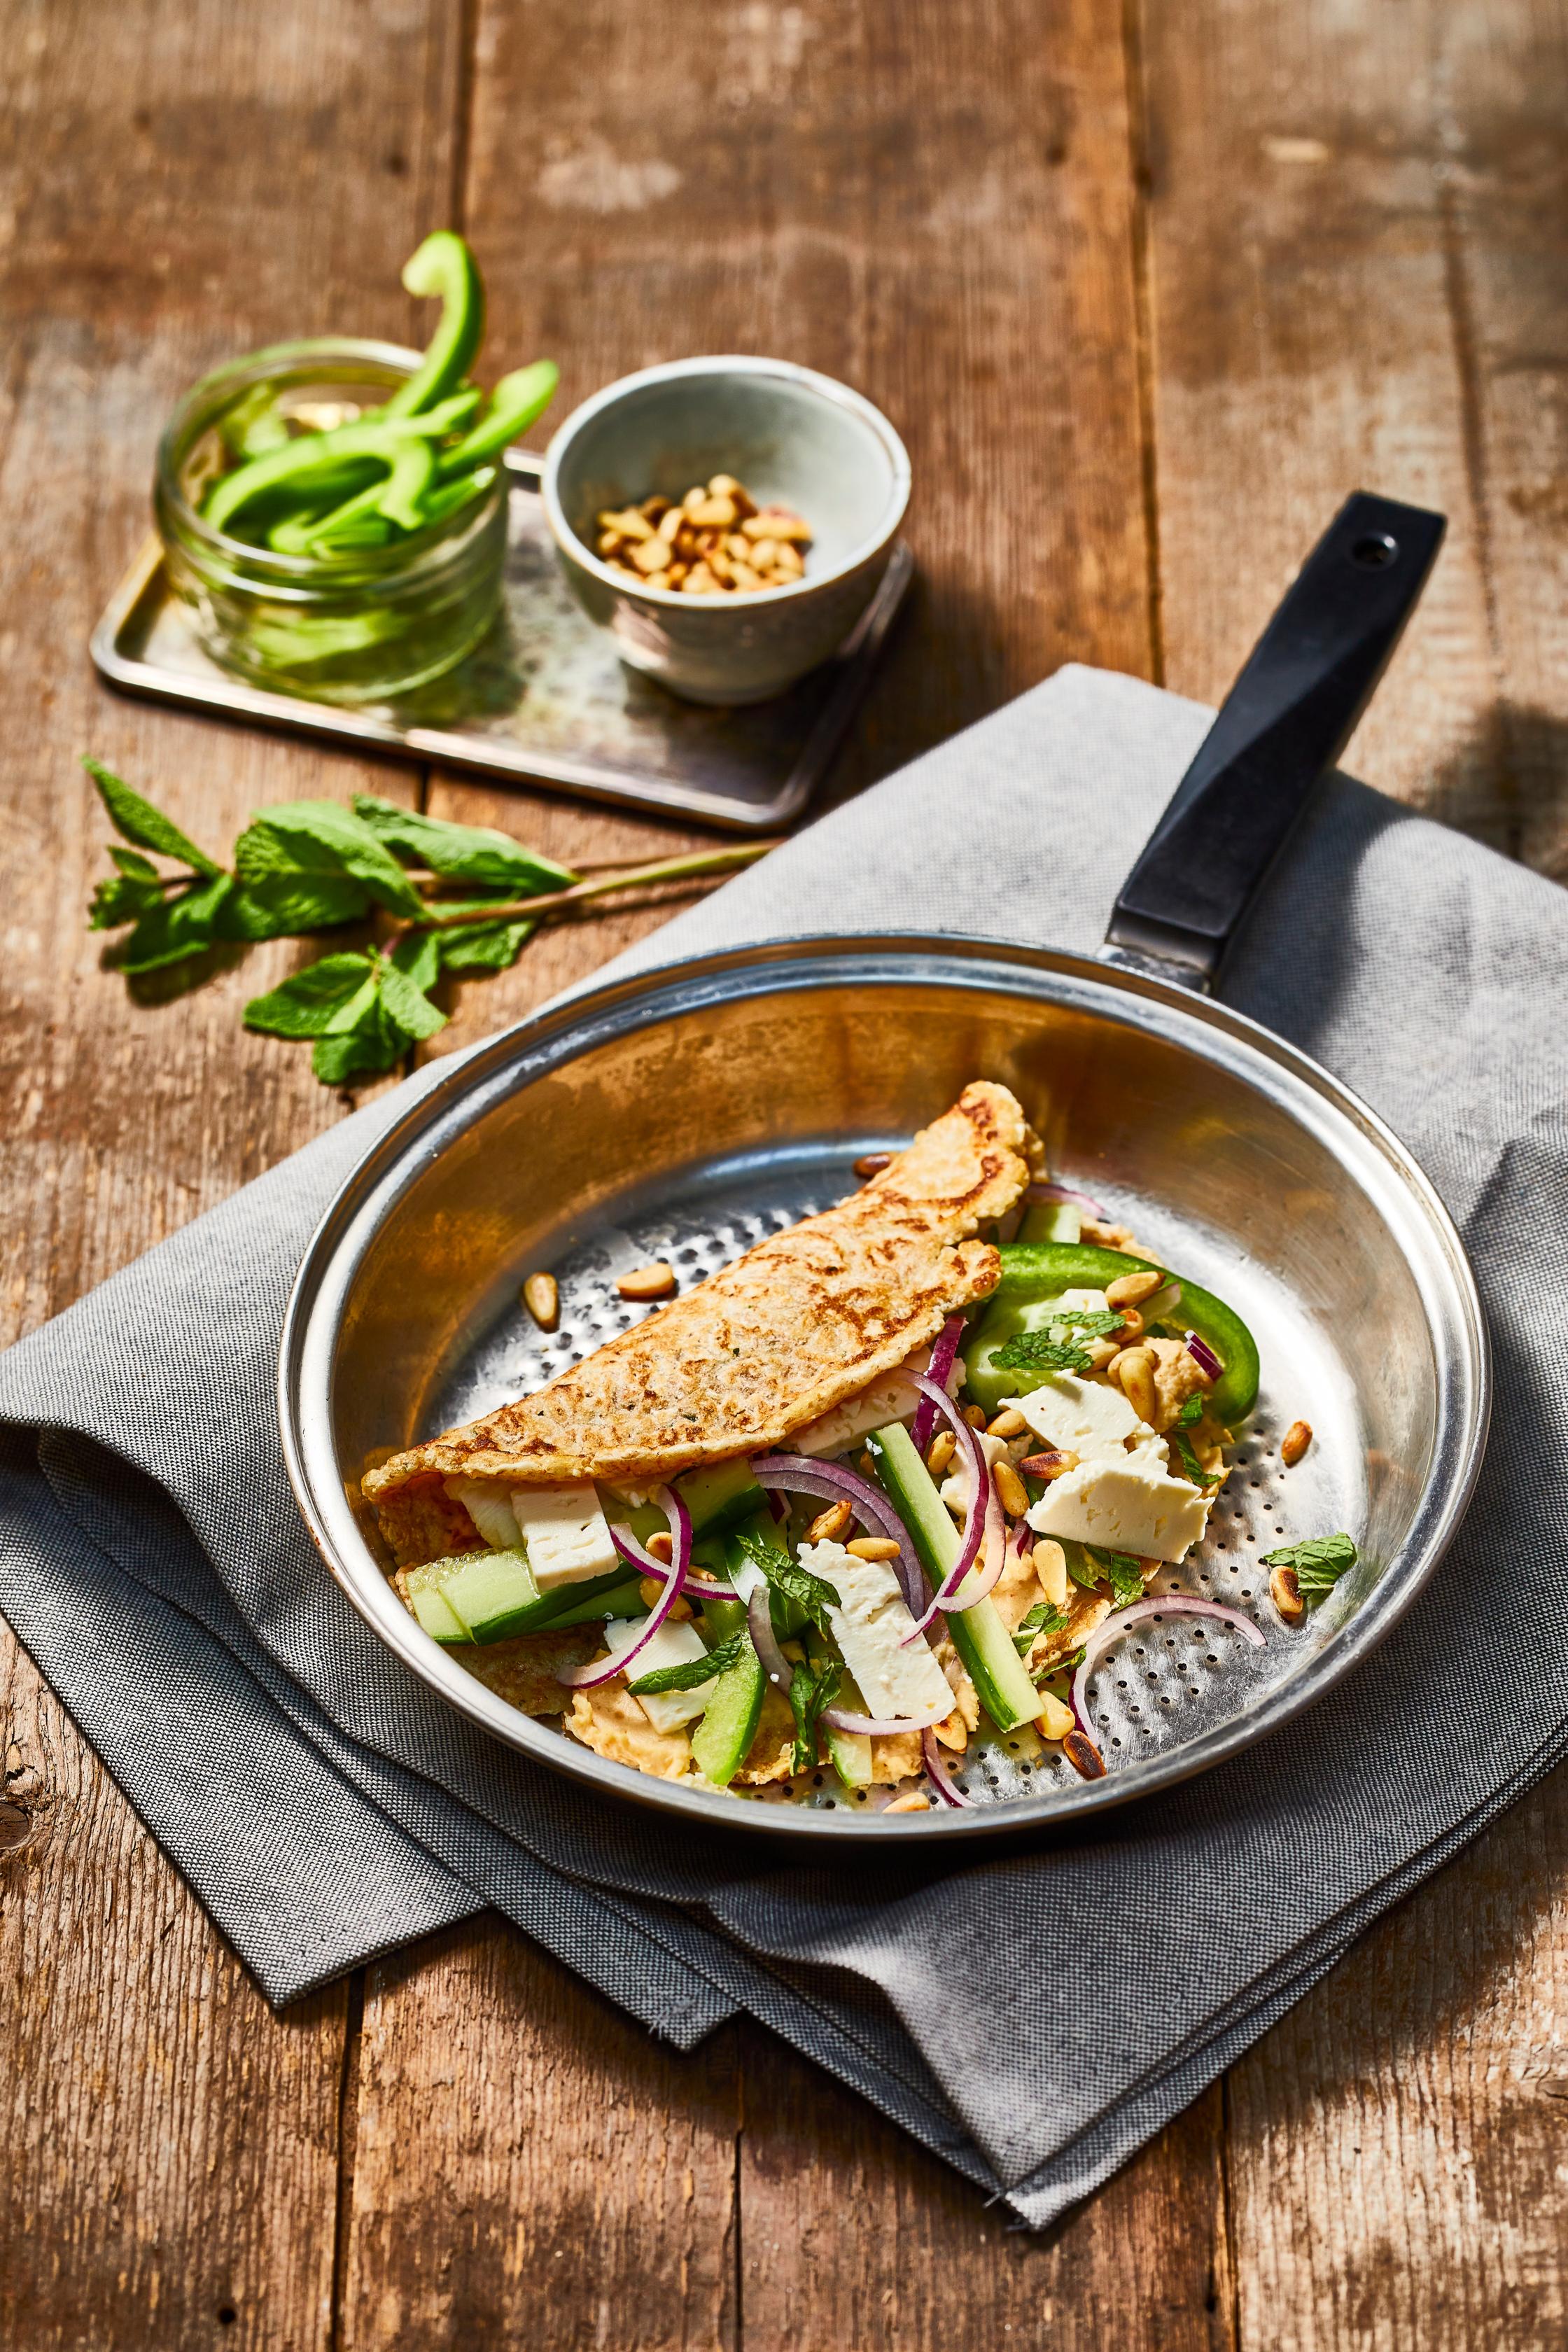 Pannenkoekwrap met hummus, feta en groenten